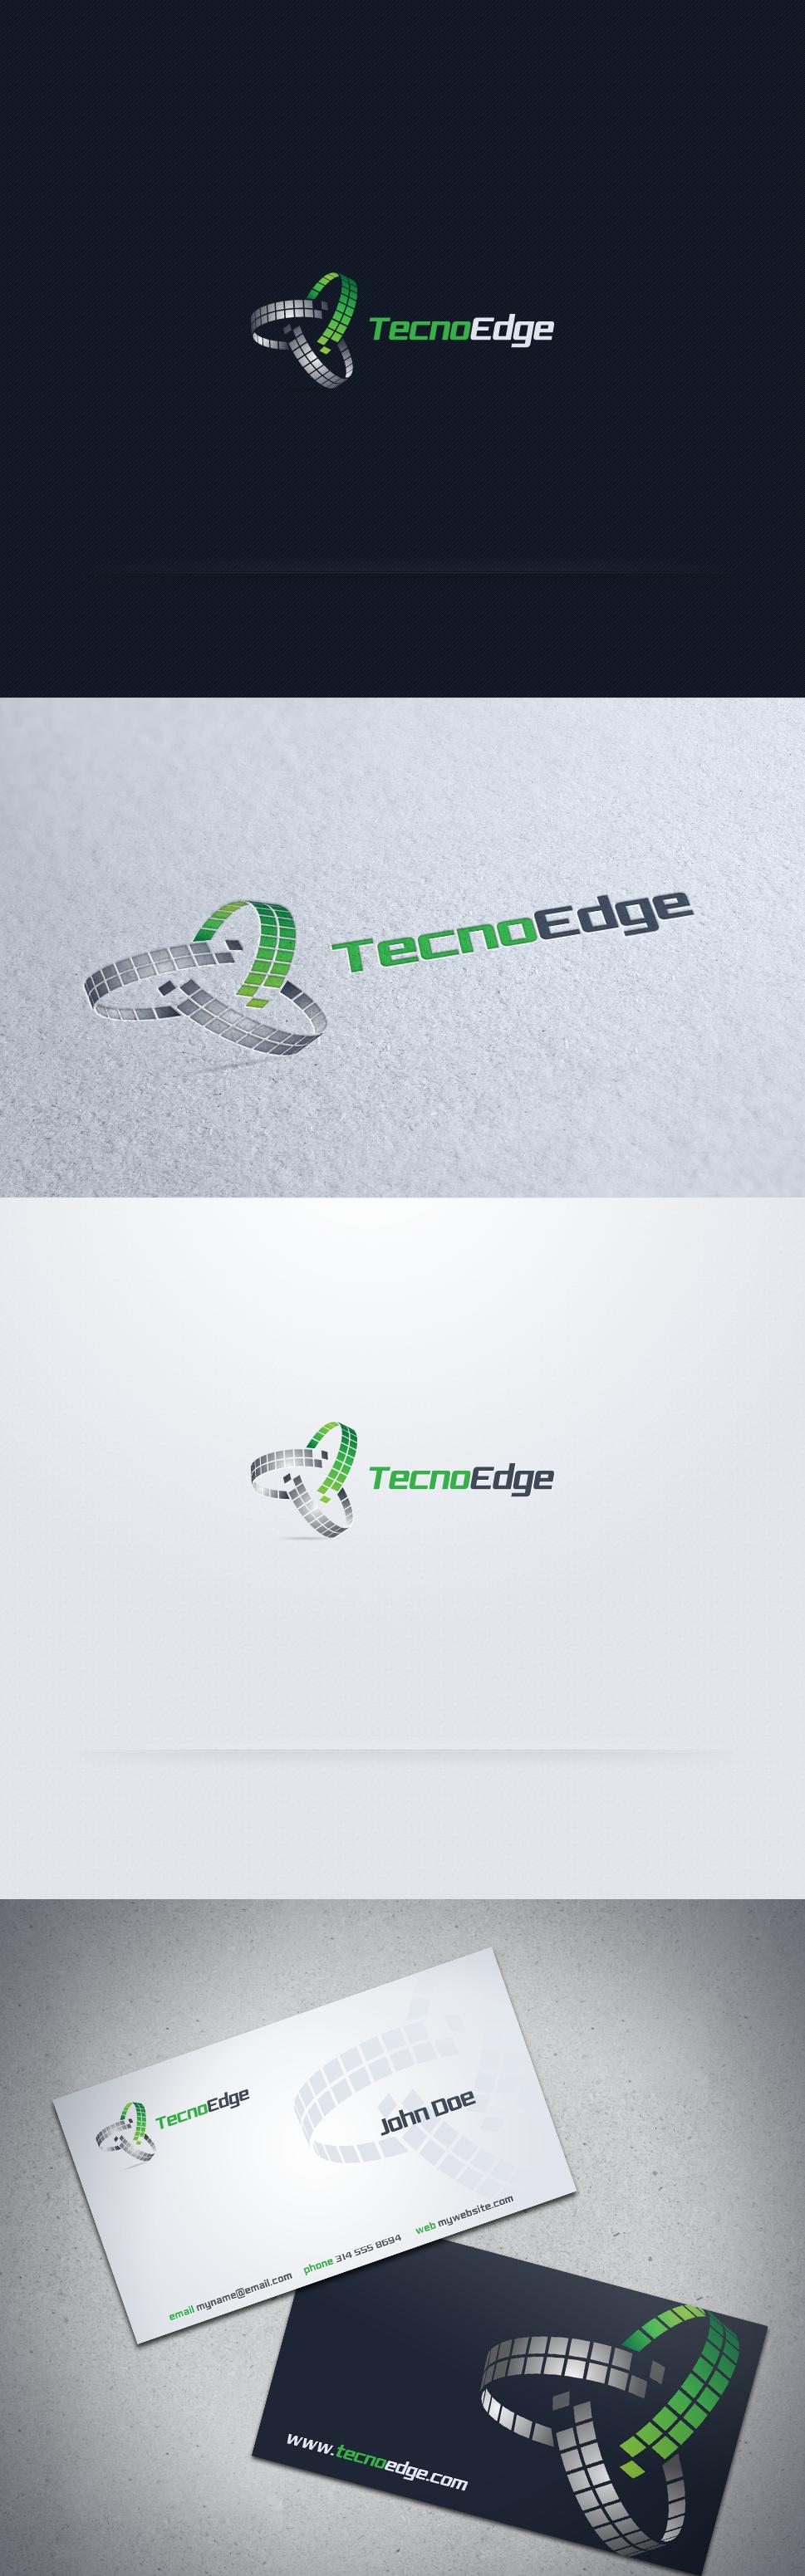 Tecno Edge needs a new logo